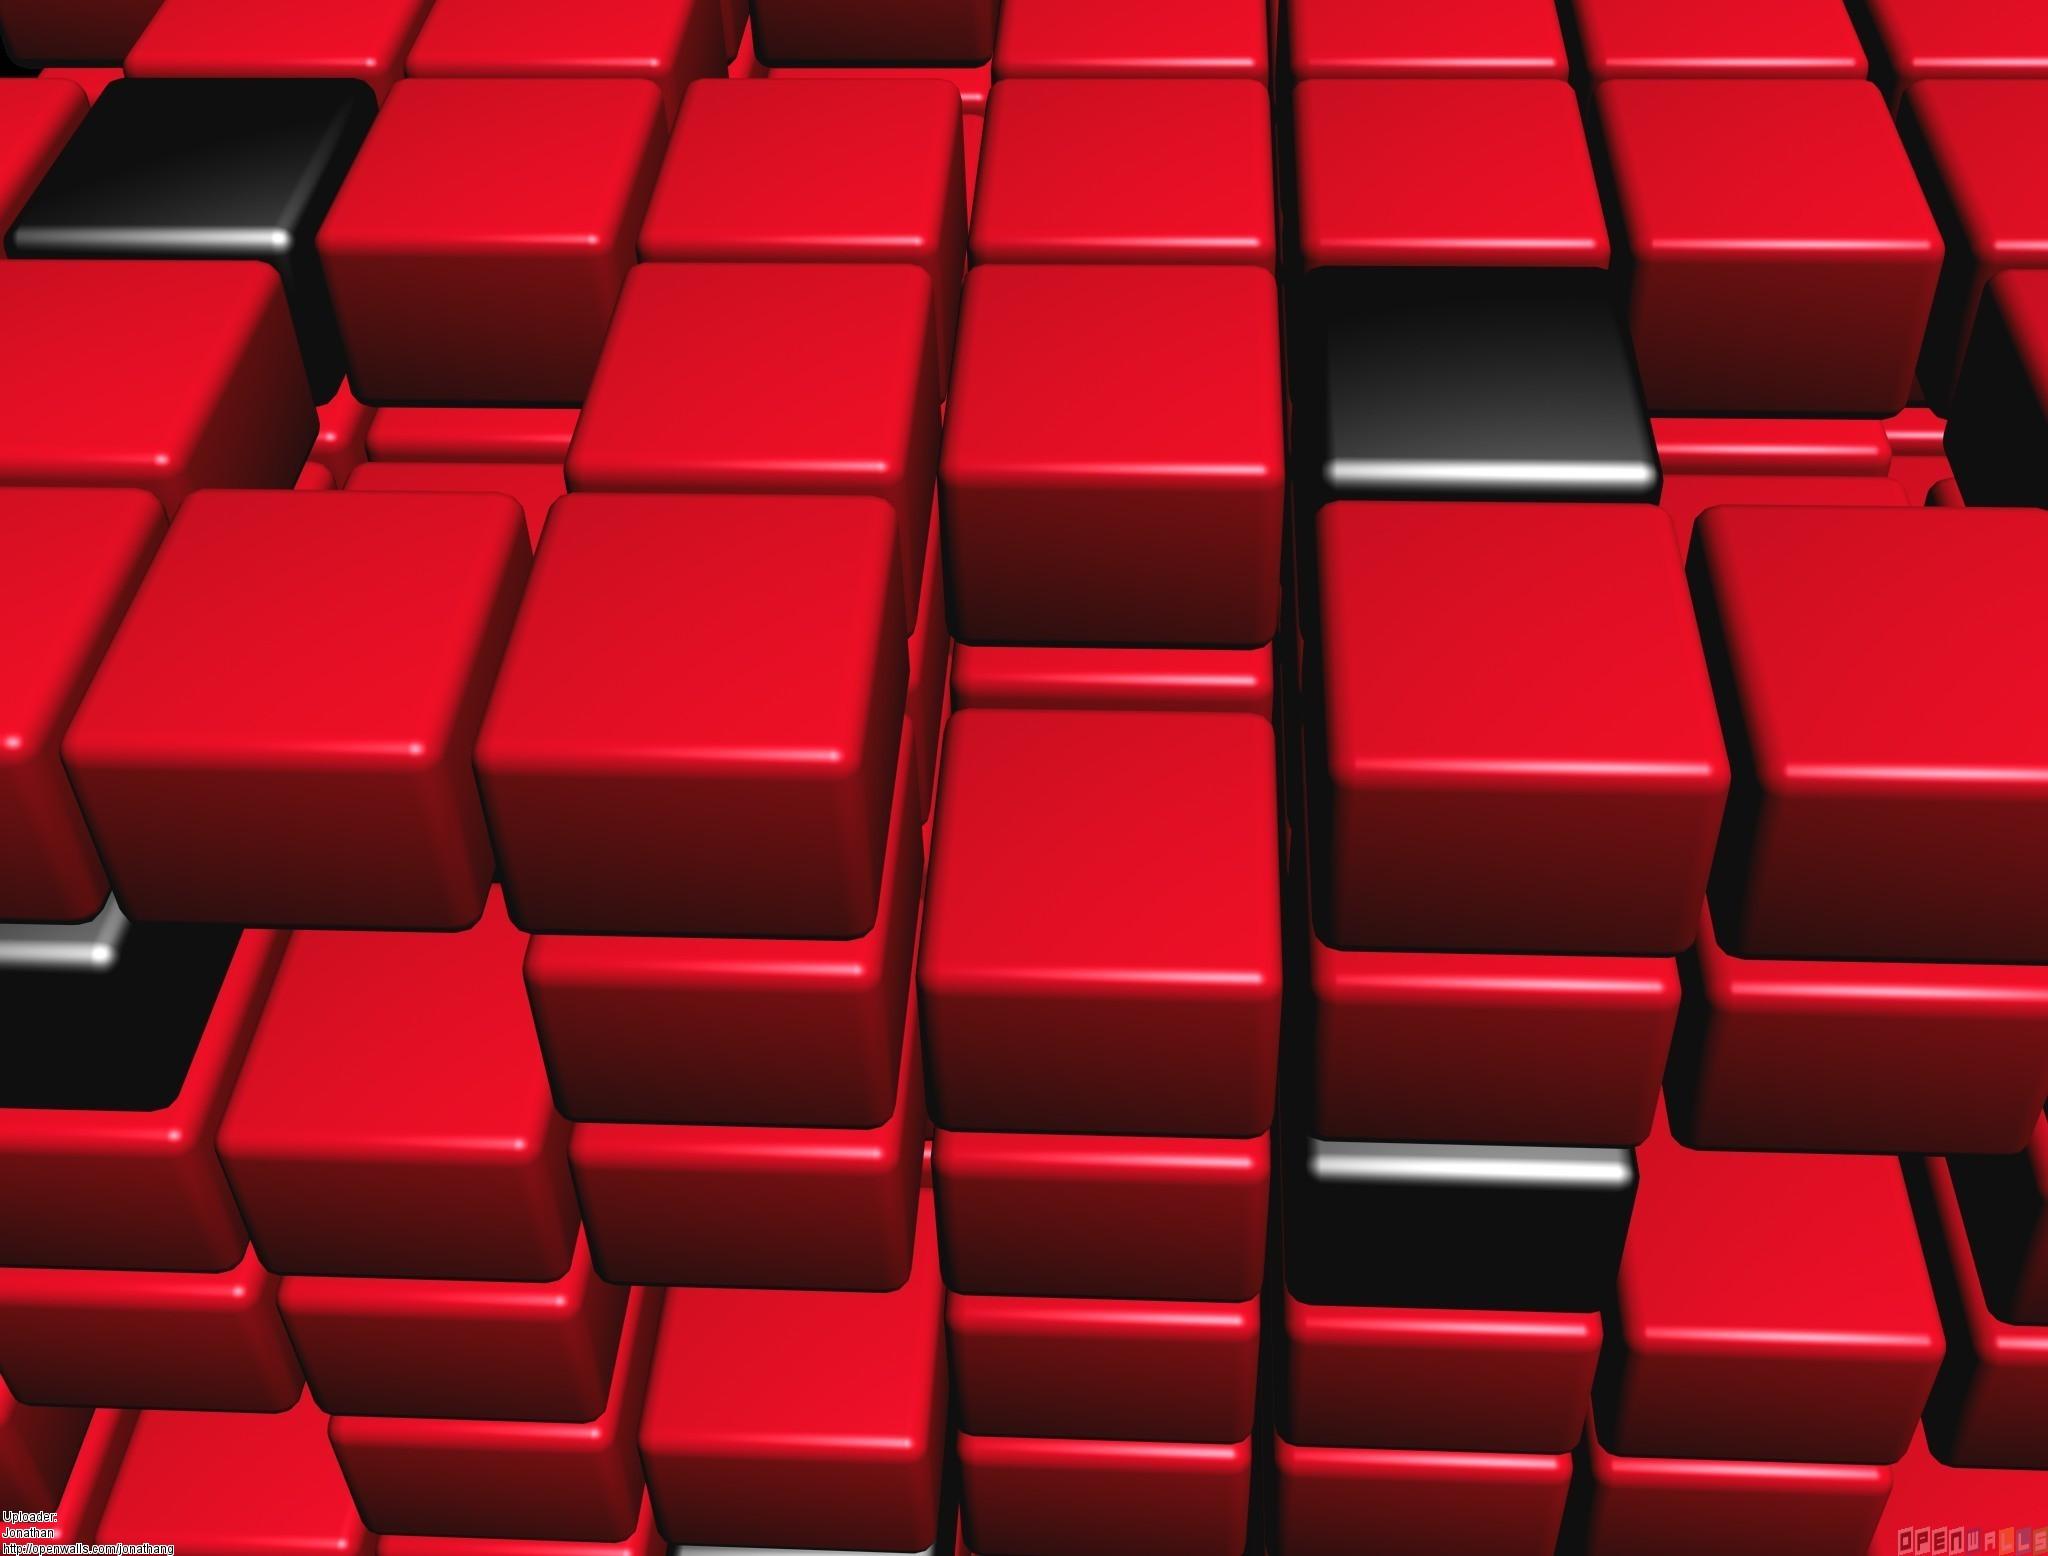 Red cubes wallpaper #22352 - Open Walls